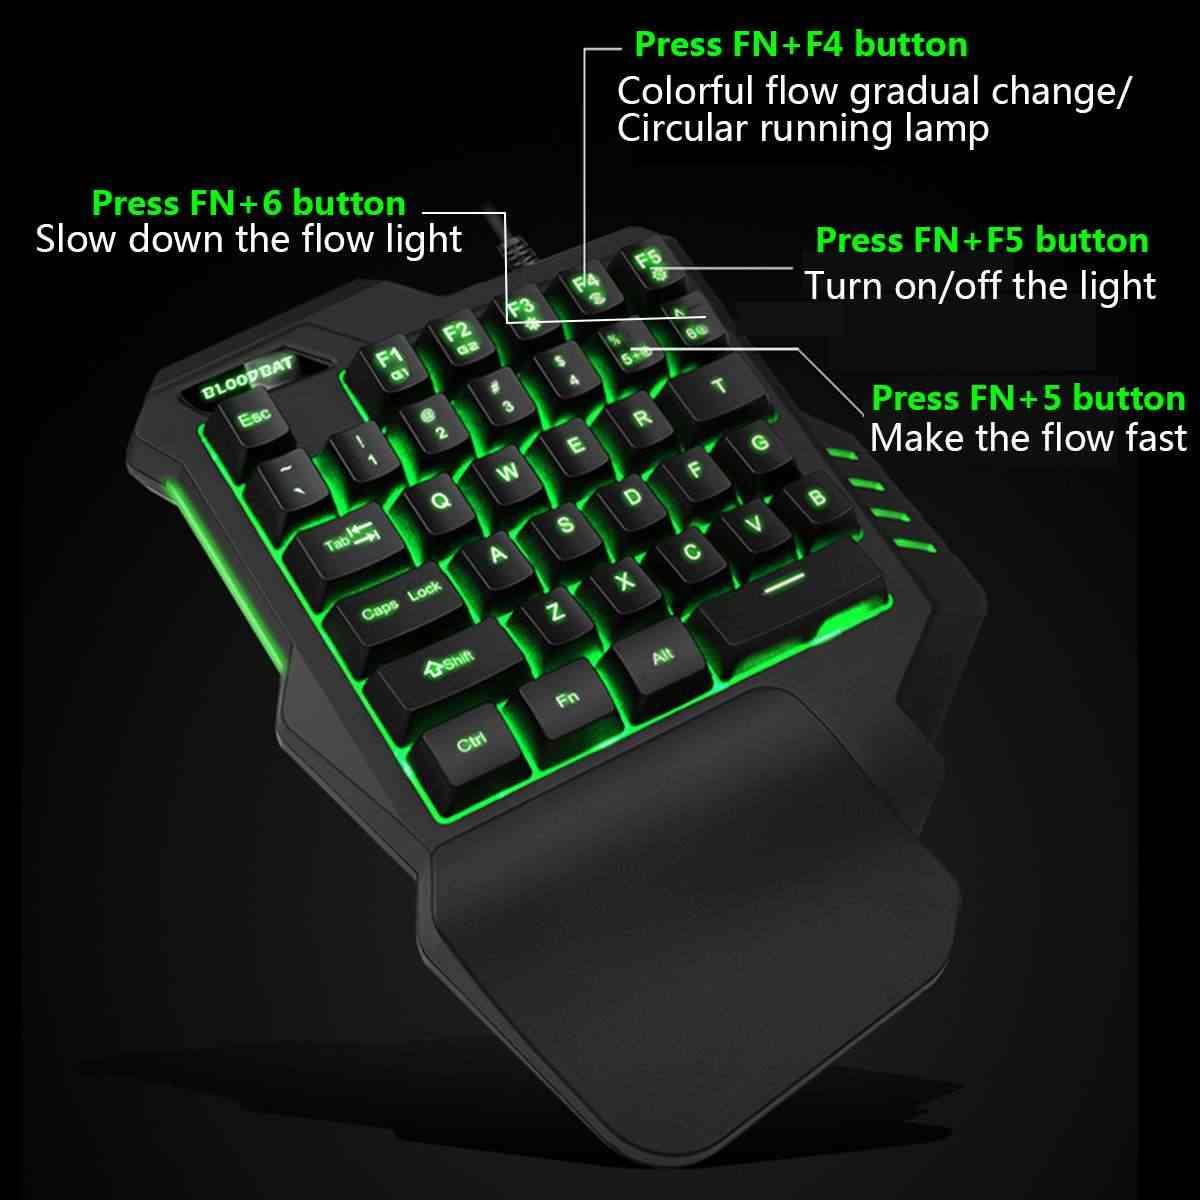 Мини клавиатура/мышь Проводная игровая механическая клавиатура с одной рукой клавиатура светодиодный подсветка для игры Fortnite Fortnited PC Keycaps